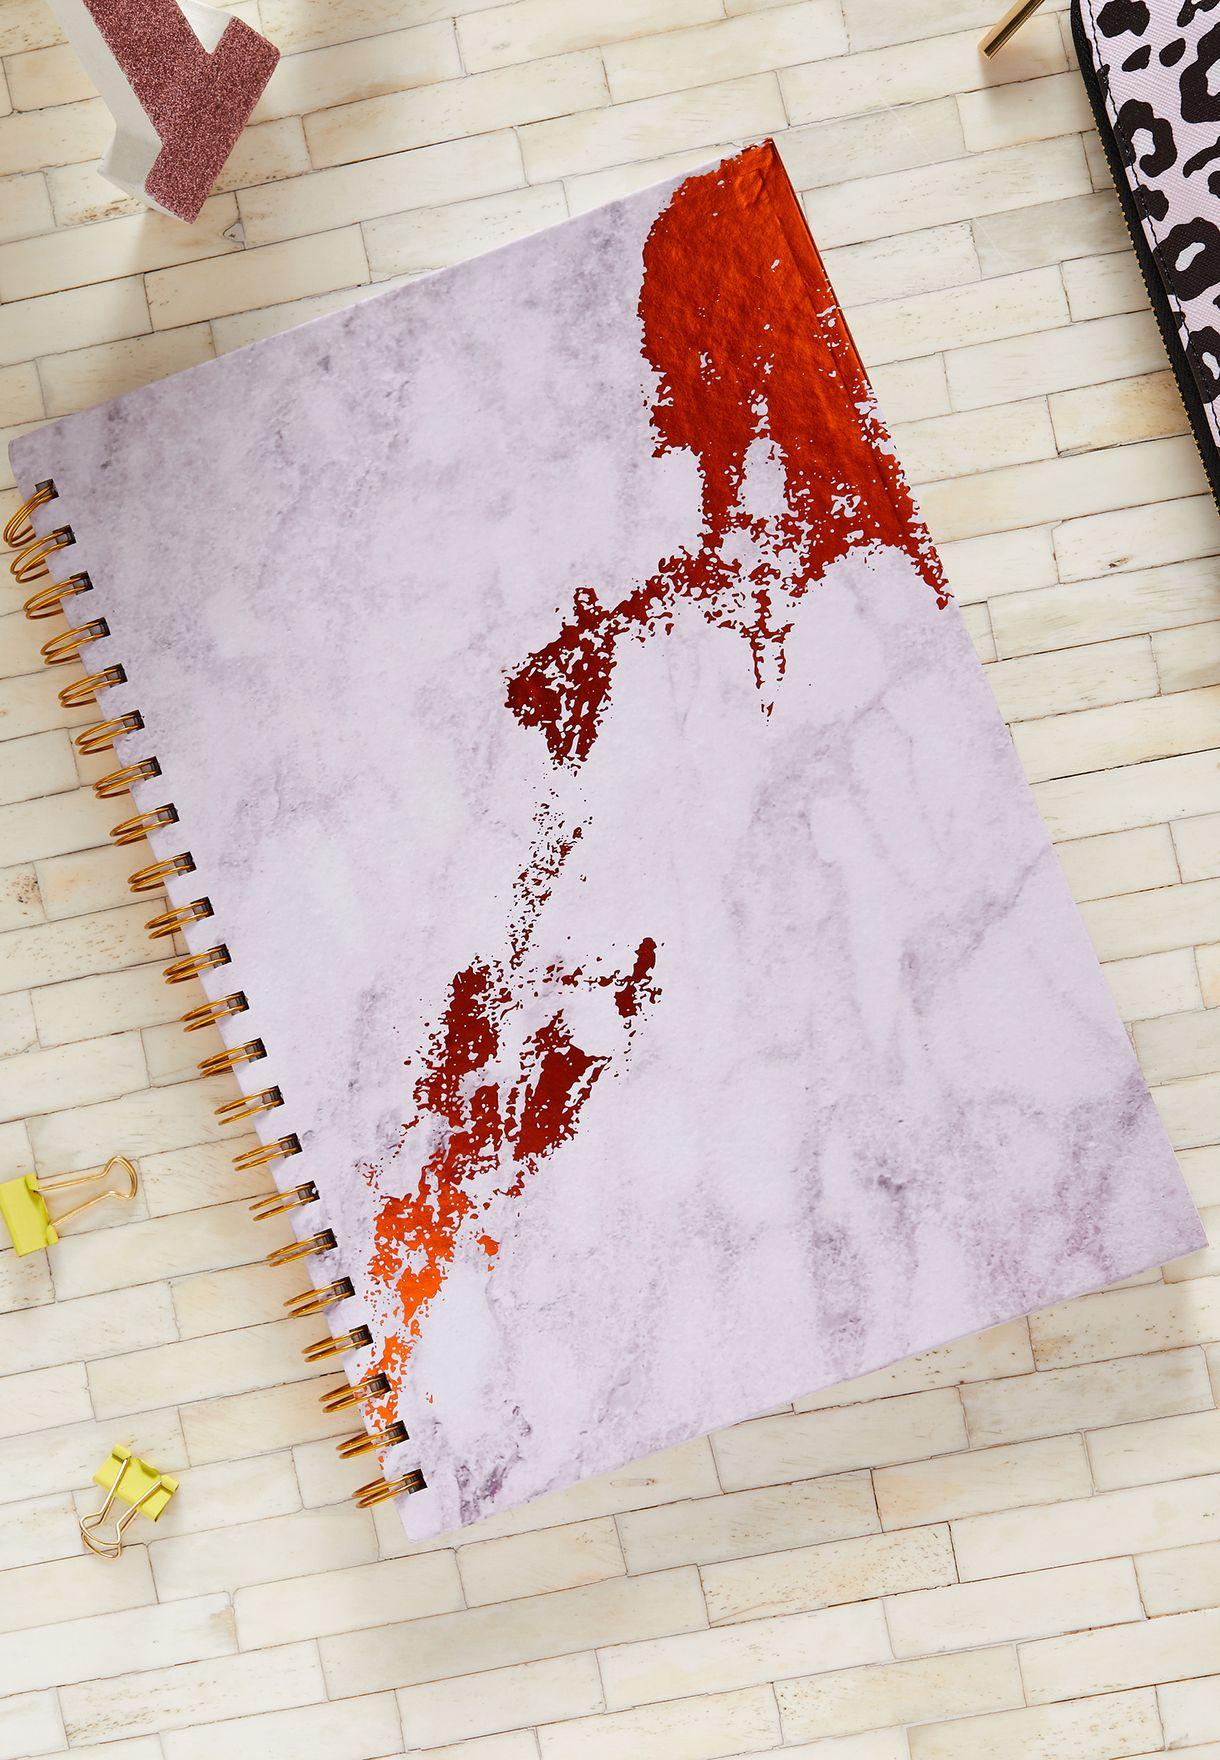 دفتر ملاحظات A4 بطباعة رخامية